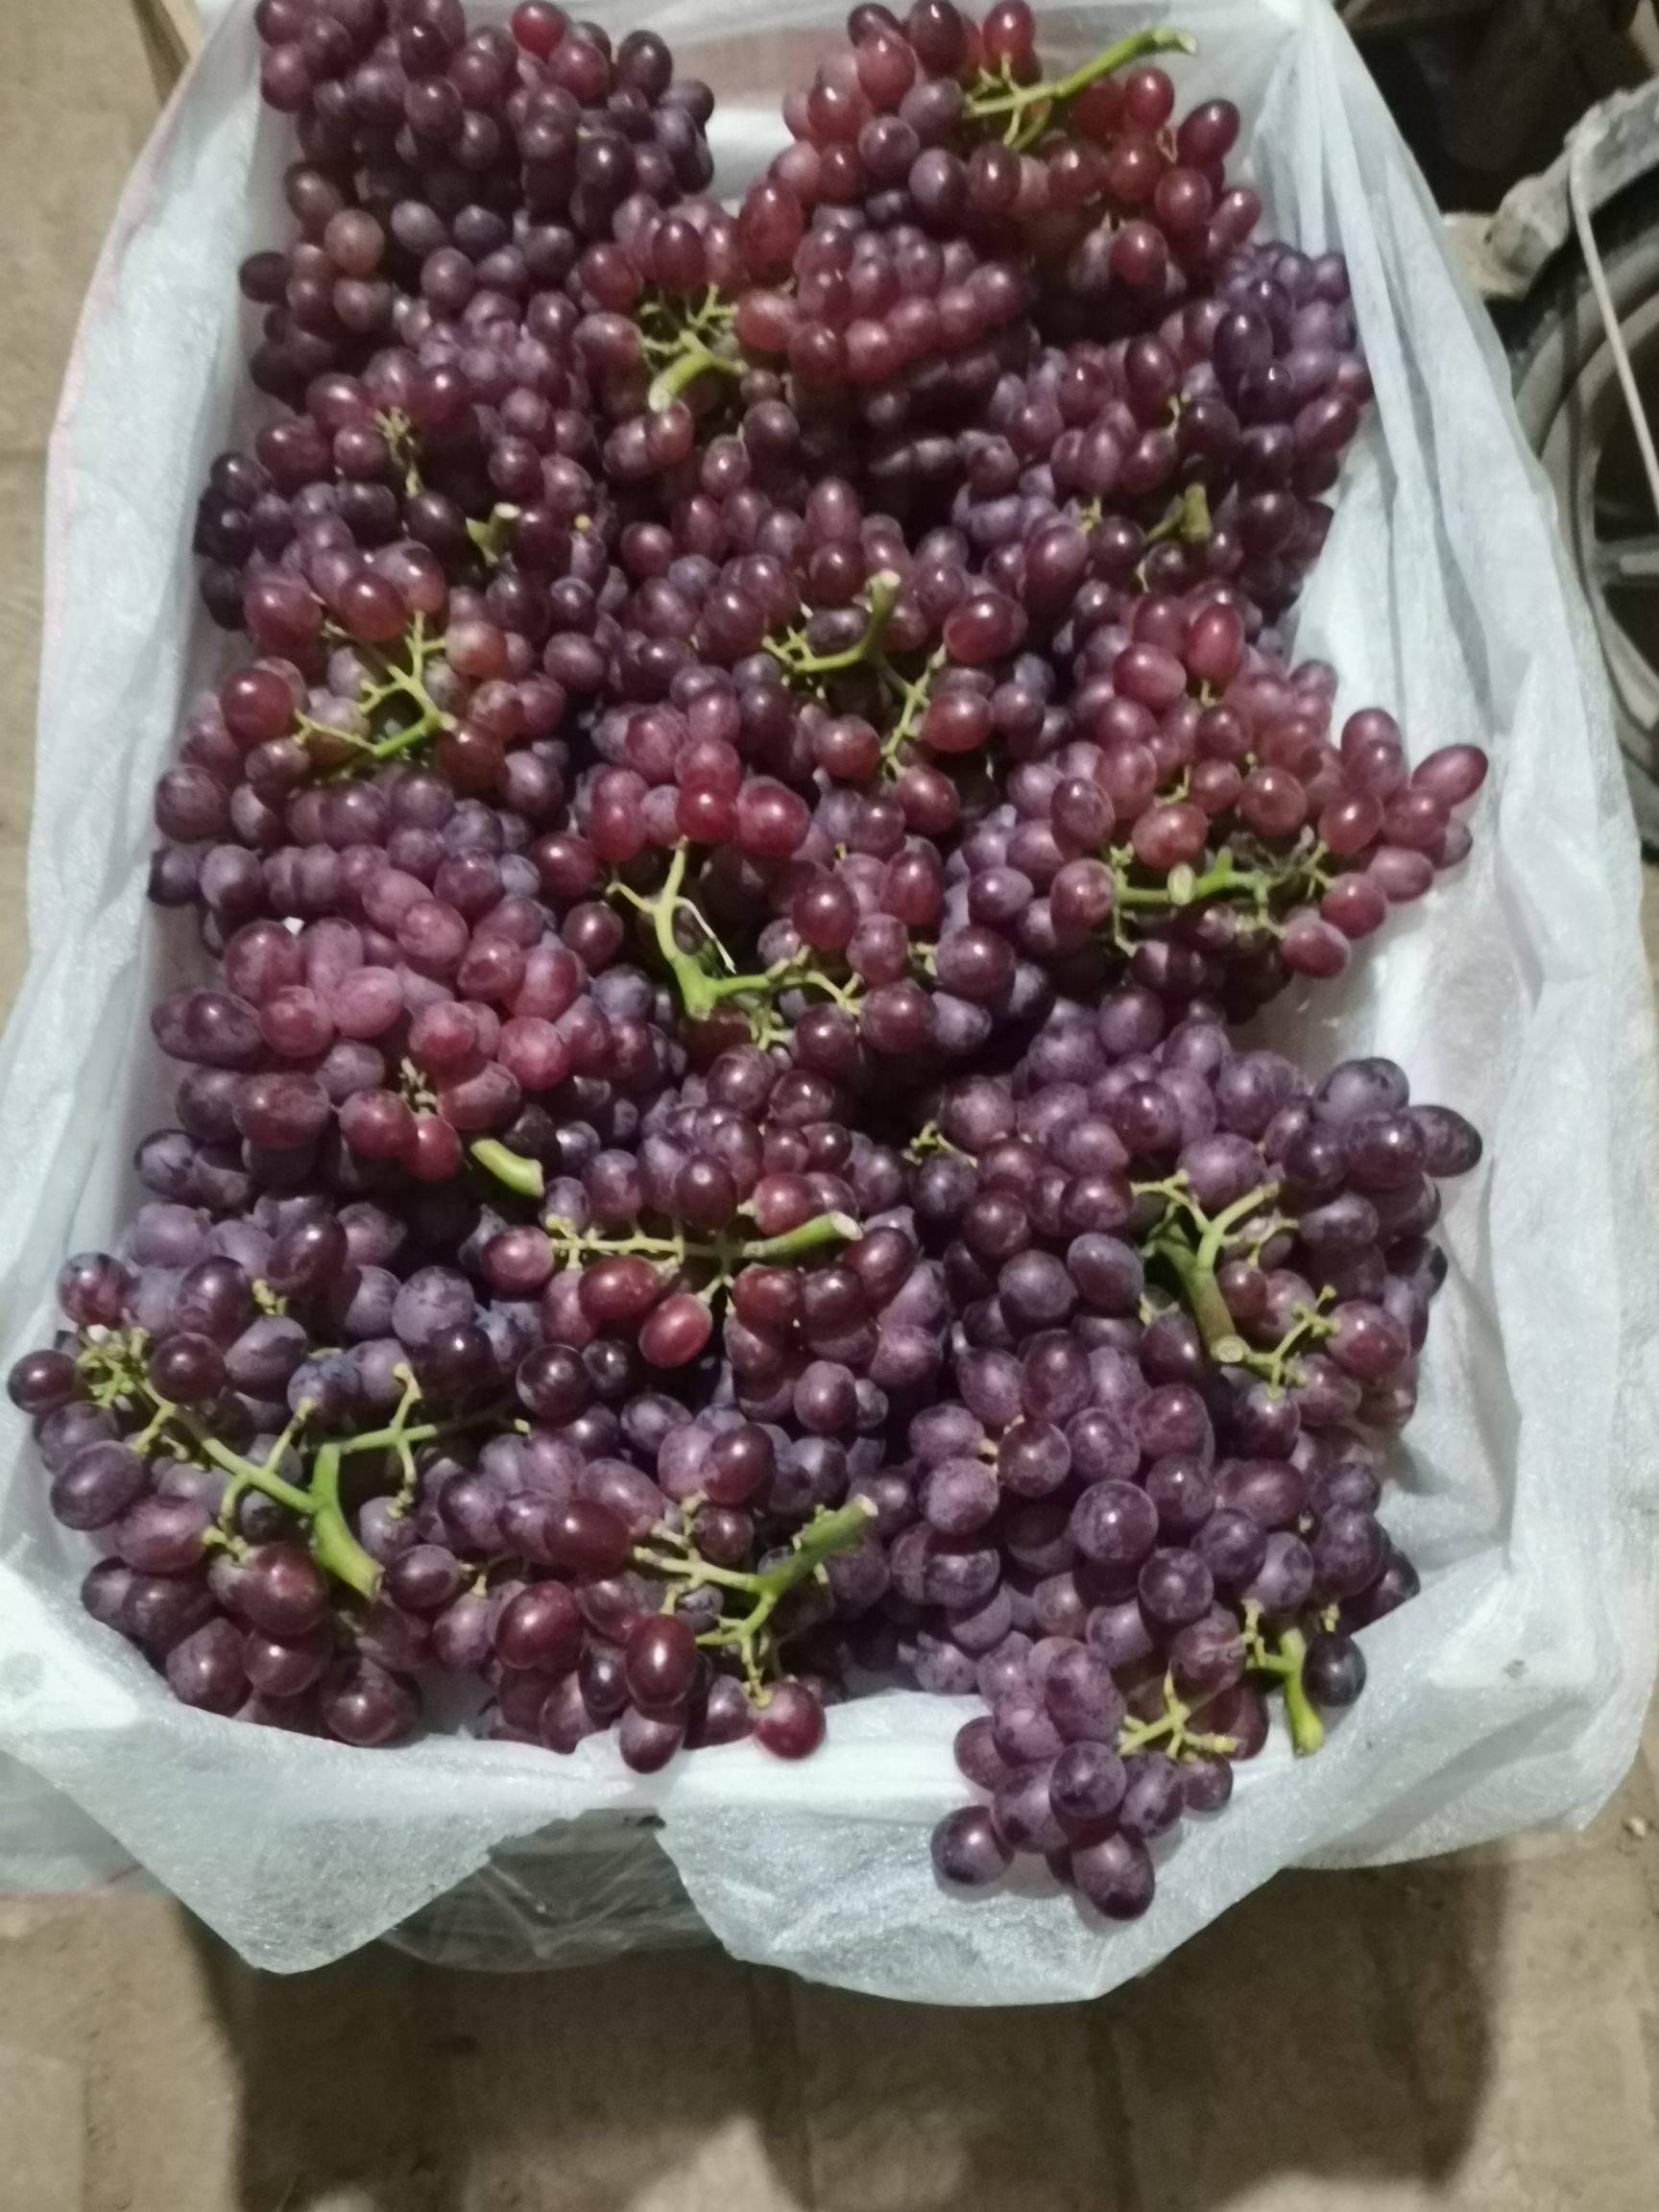 克伦生葡萄 1-1.5斤 5%以下 1次果